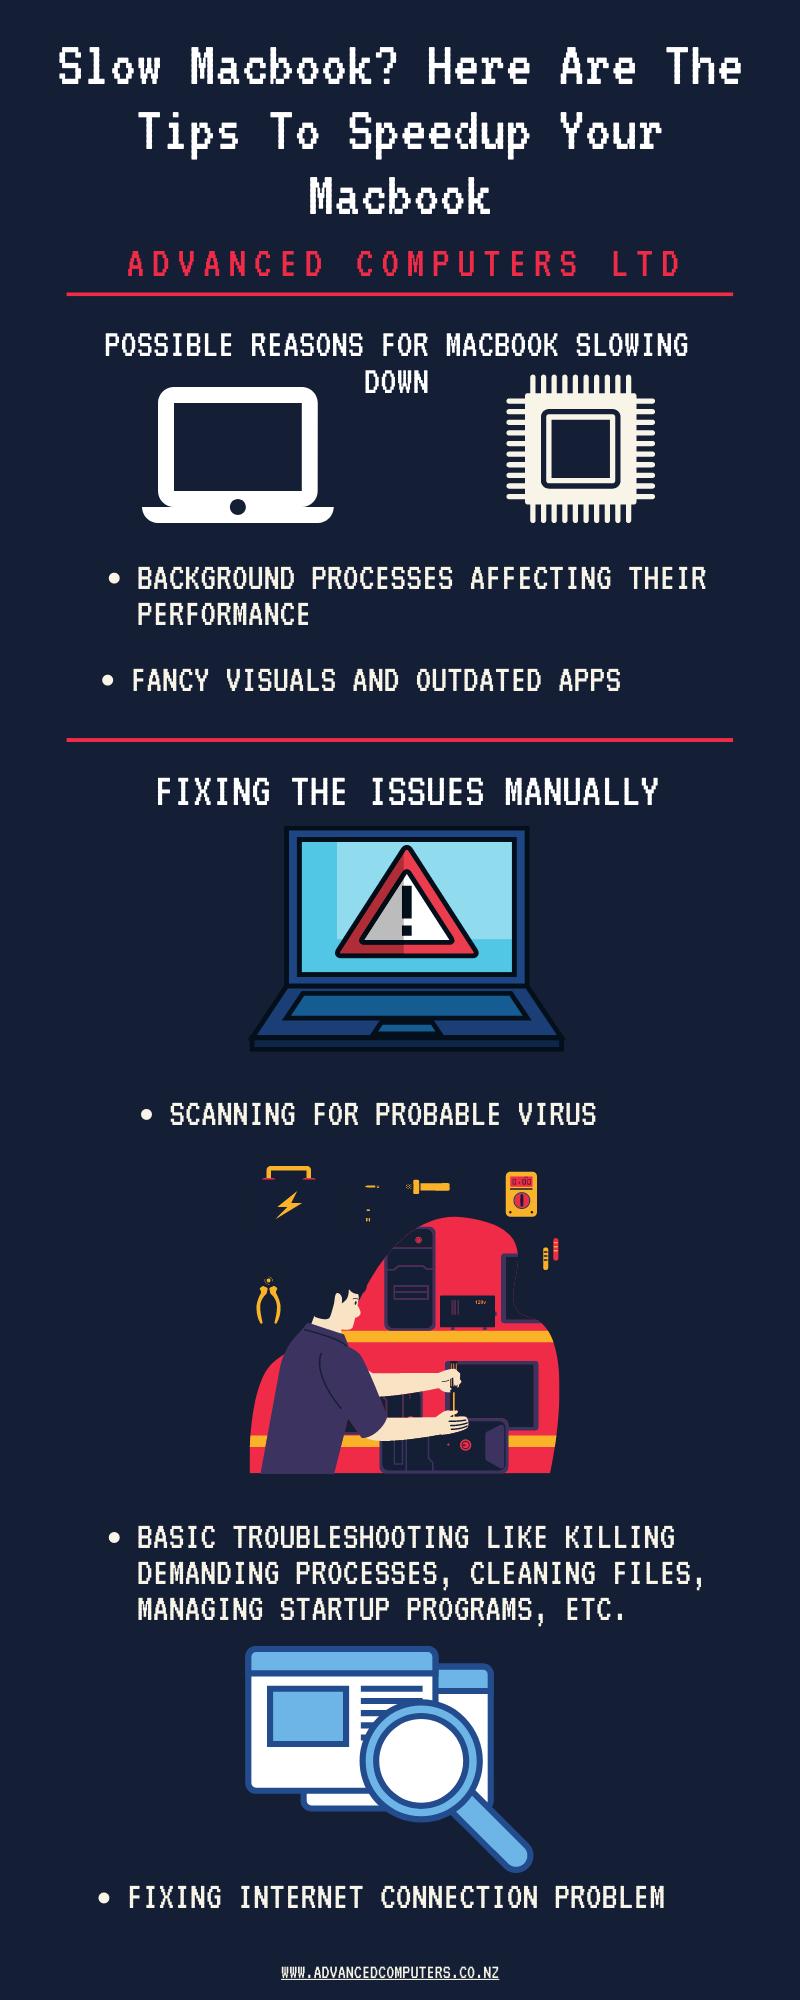 Tips To Speedup Your Slow MacBook